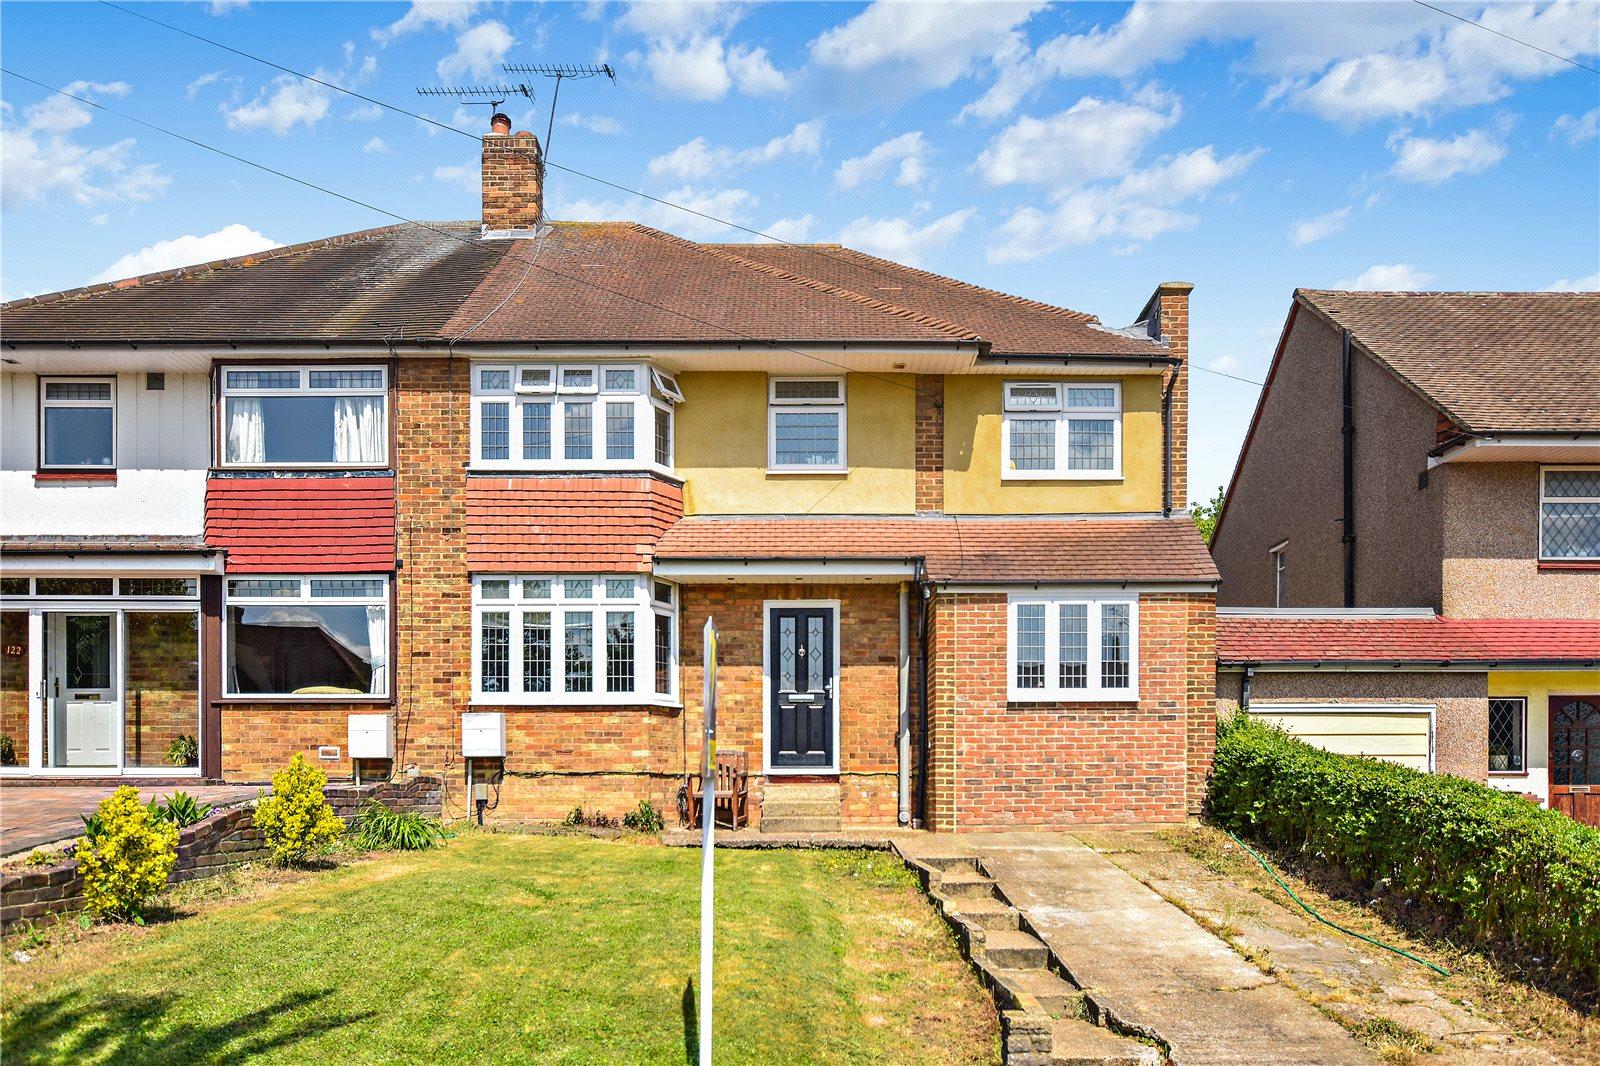 Glenhurst Avenue, Bexley, Kent, DA5